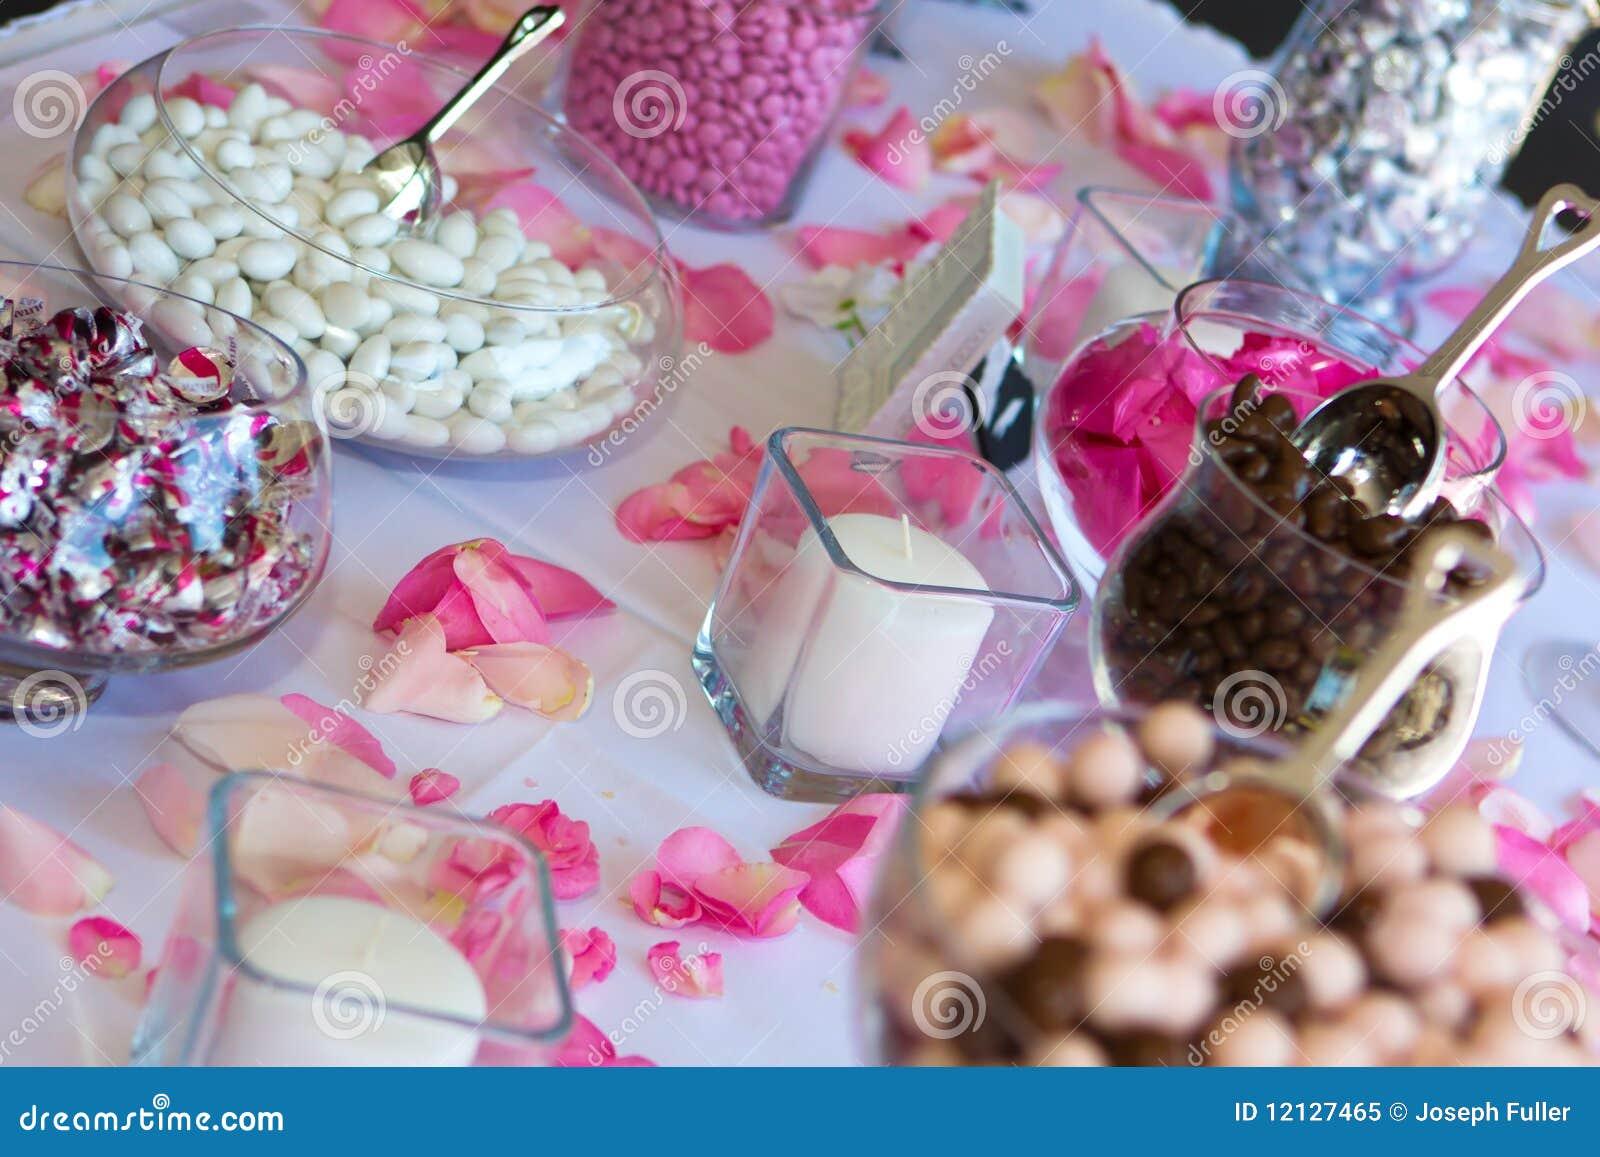 Wedding Reception Candy Table Stock Image Image Of Celebration